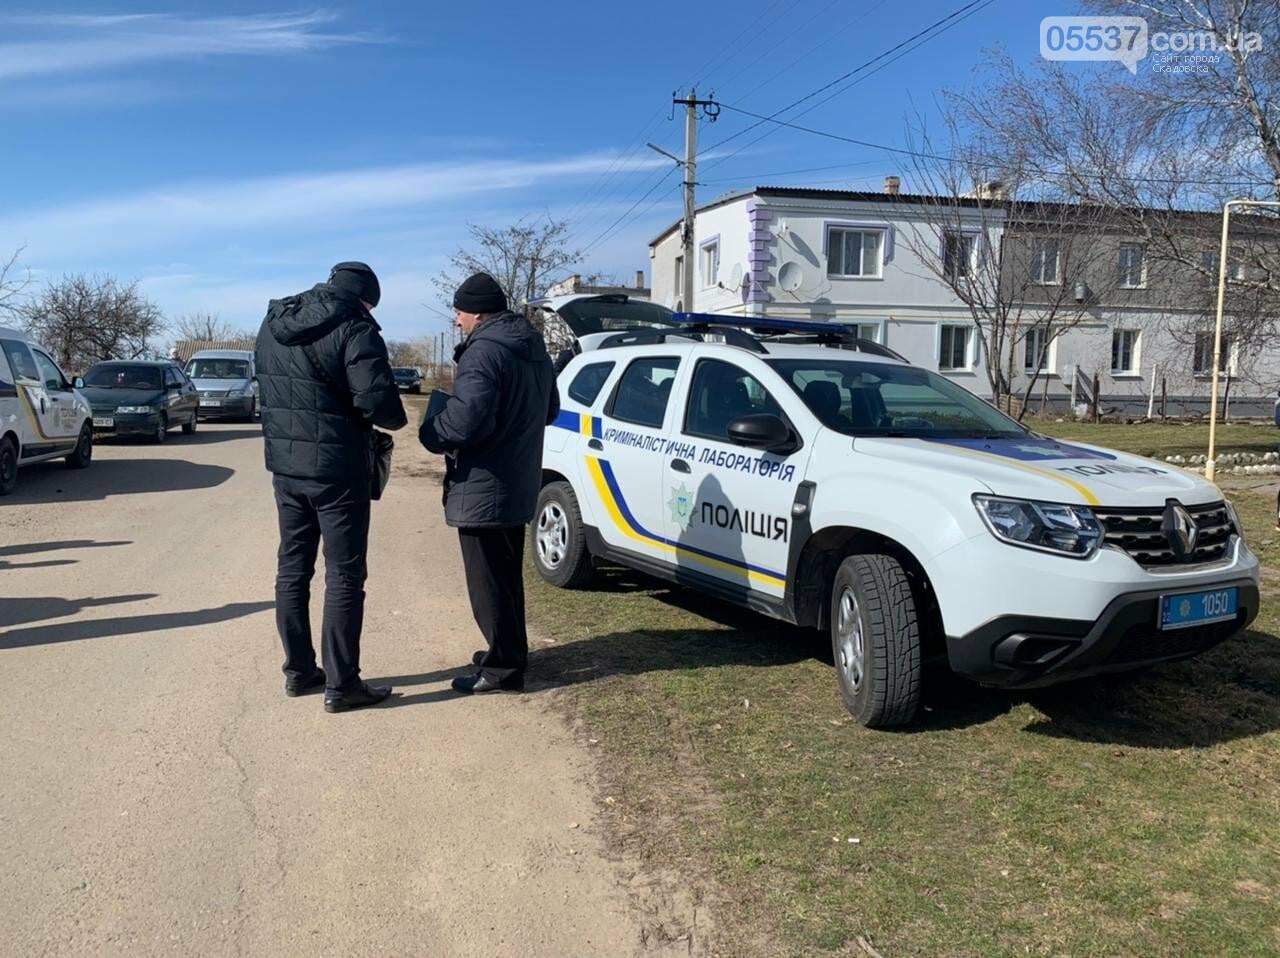 Полицейские нашли мертвой девочку, которую разыскивали в соседнем со Скадовским районе, фото-2